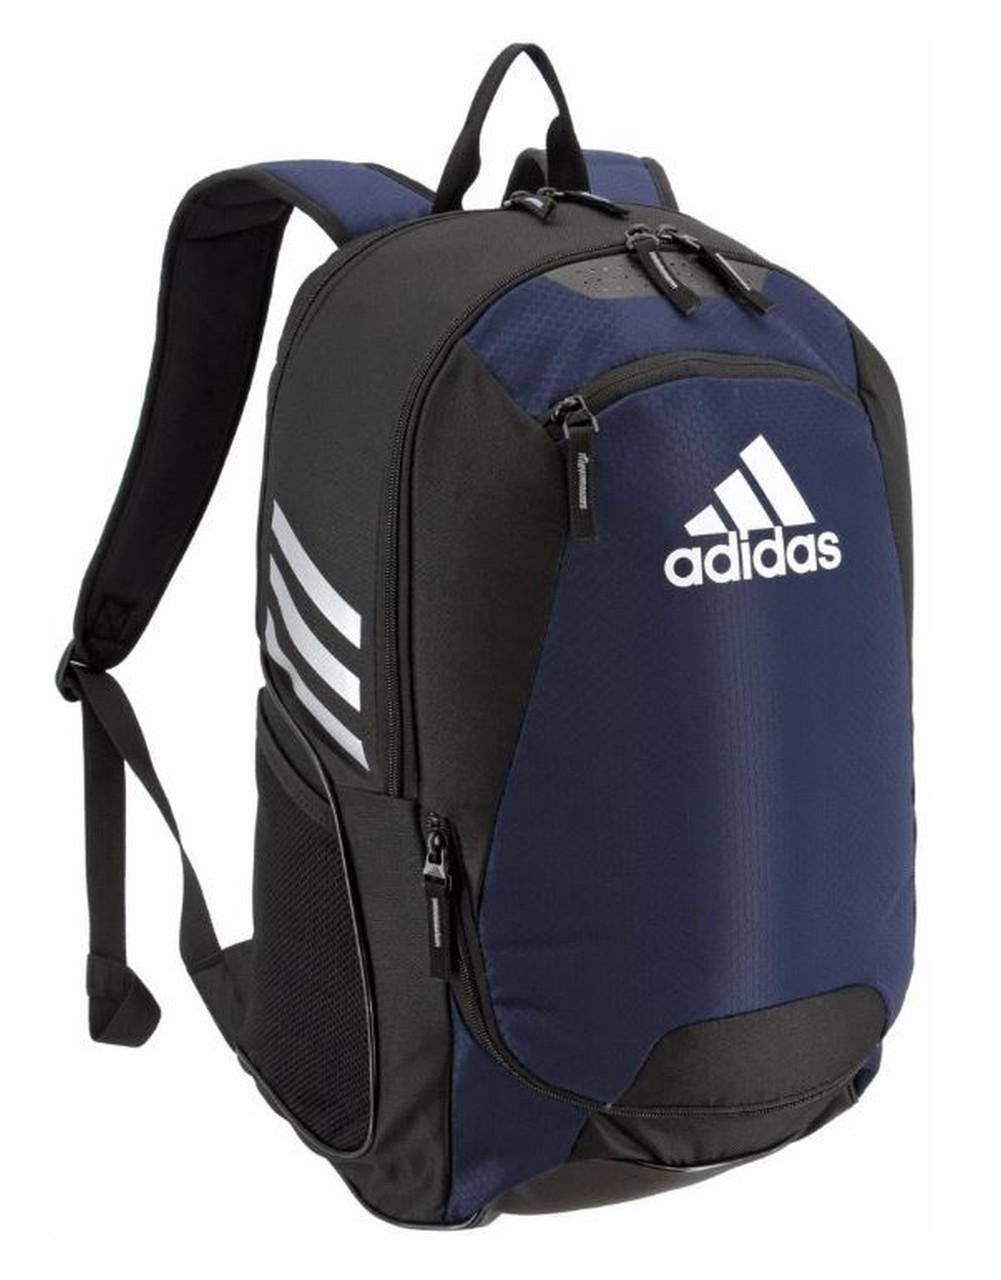 adidas Stadium II Team Soccer Backpack Bag  5143985 Navy  a1af327bad2e8